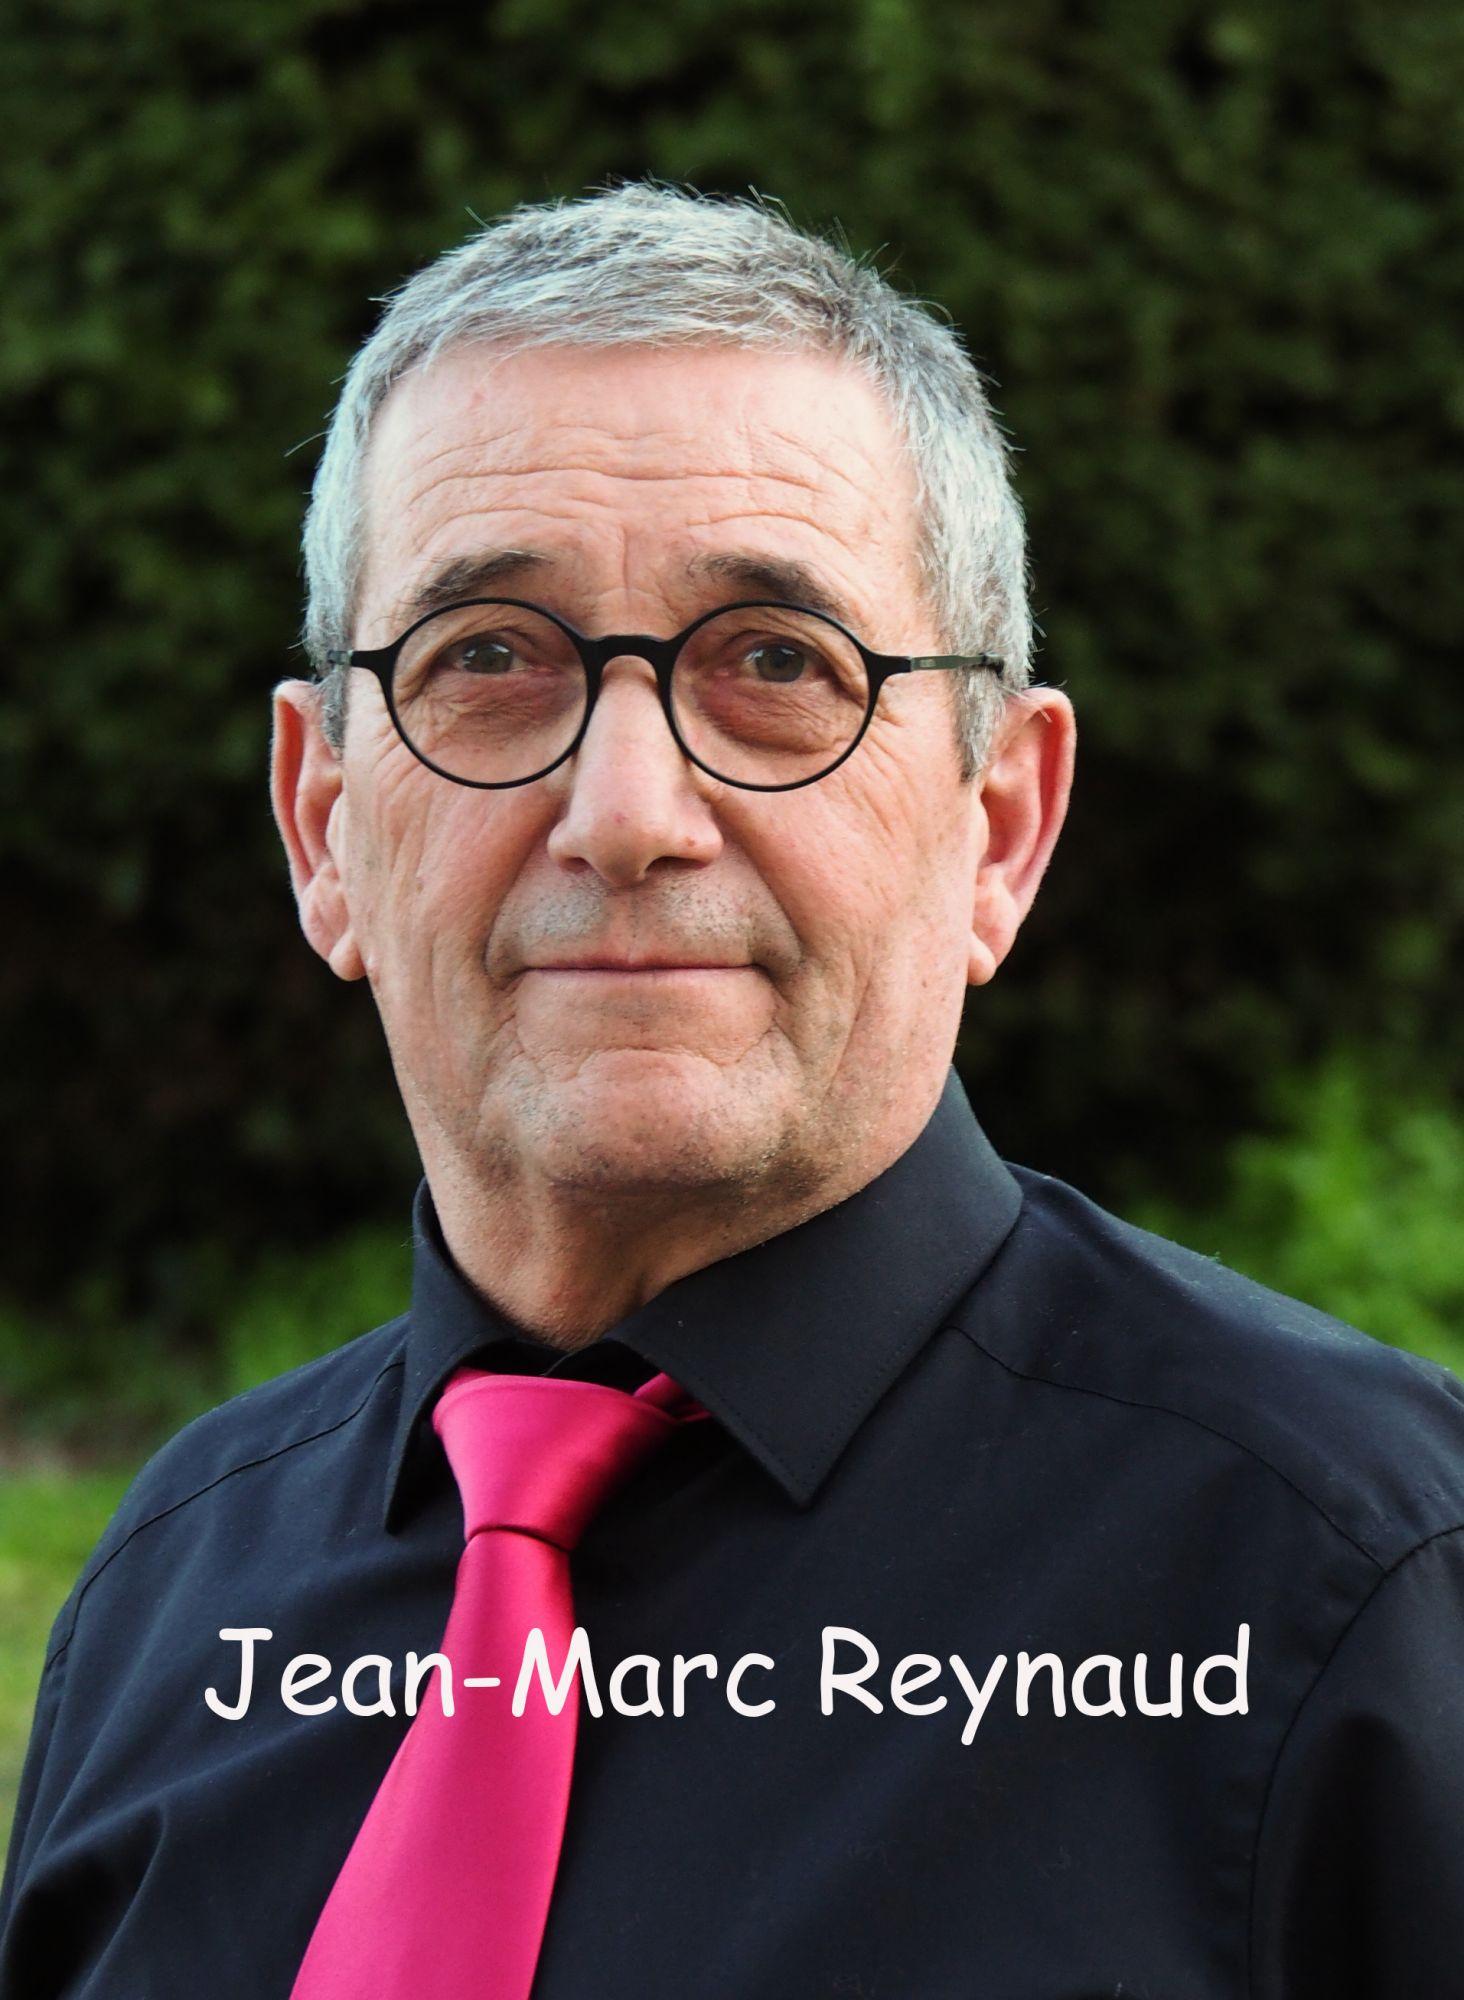 Jean marc